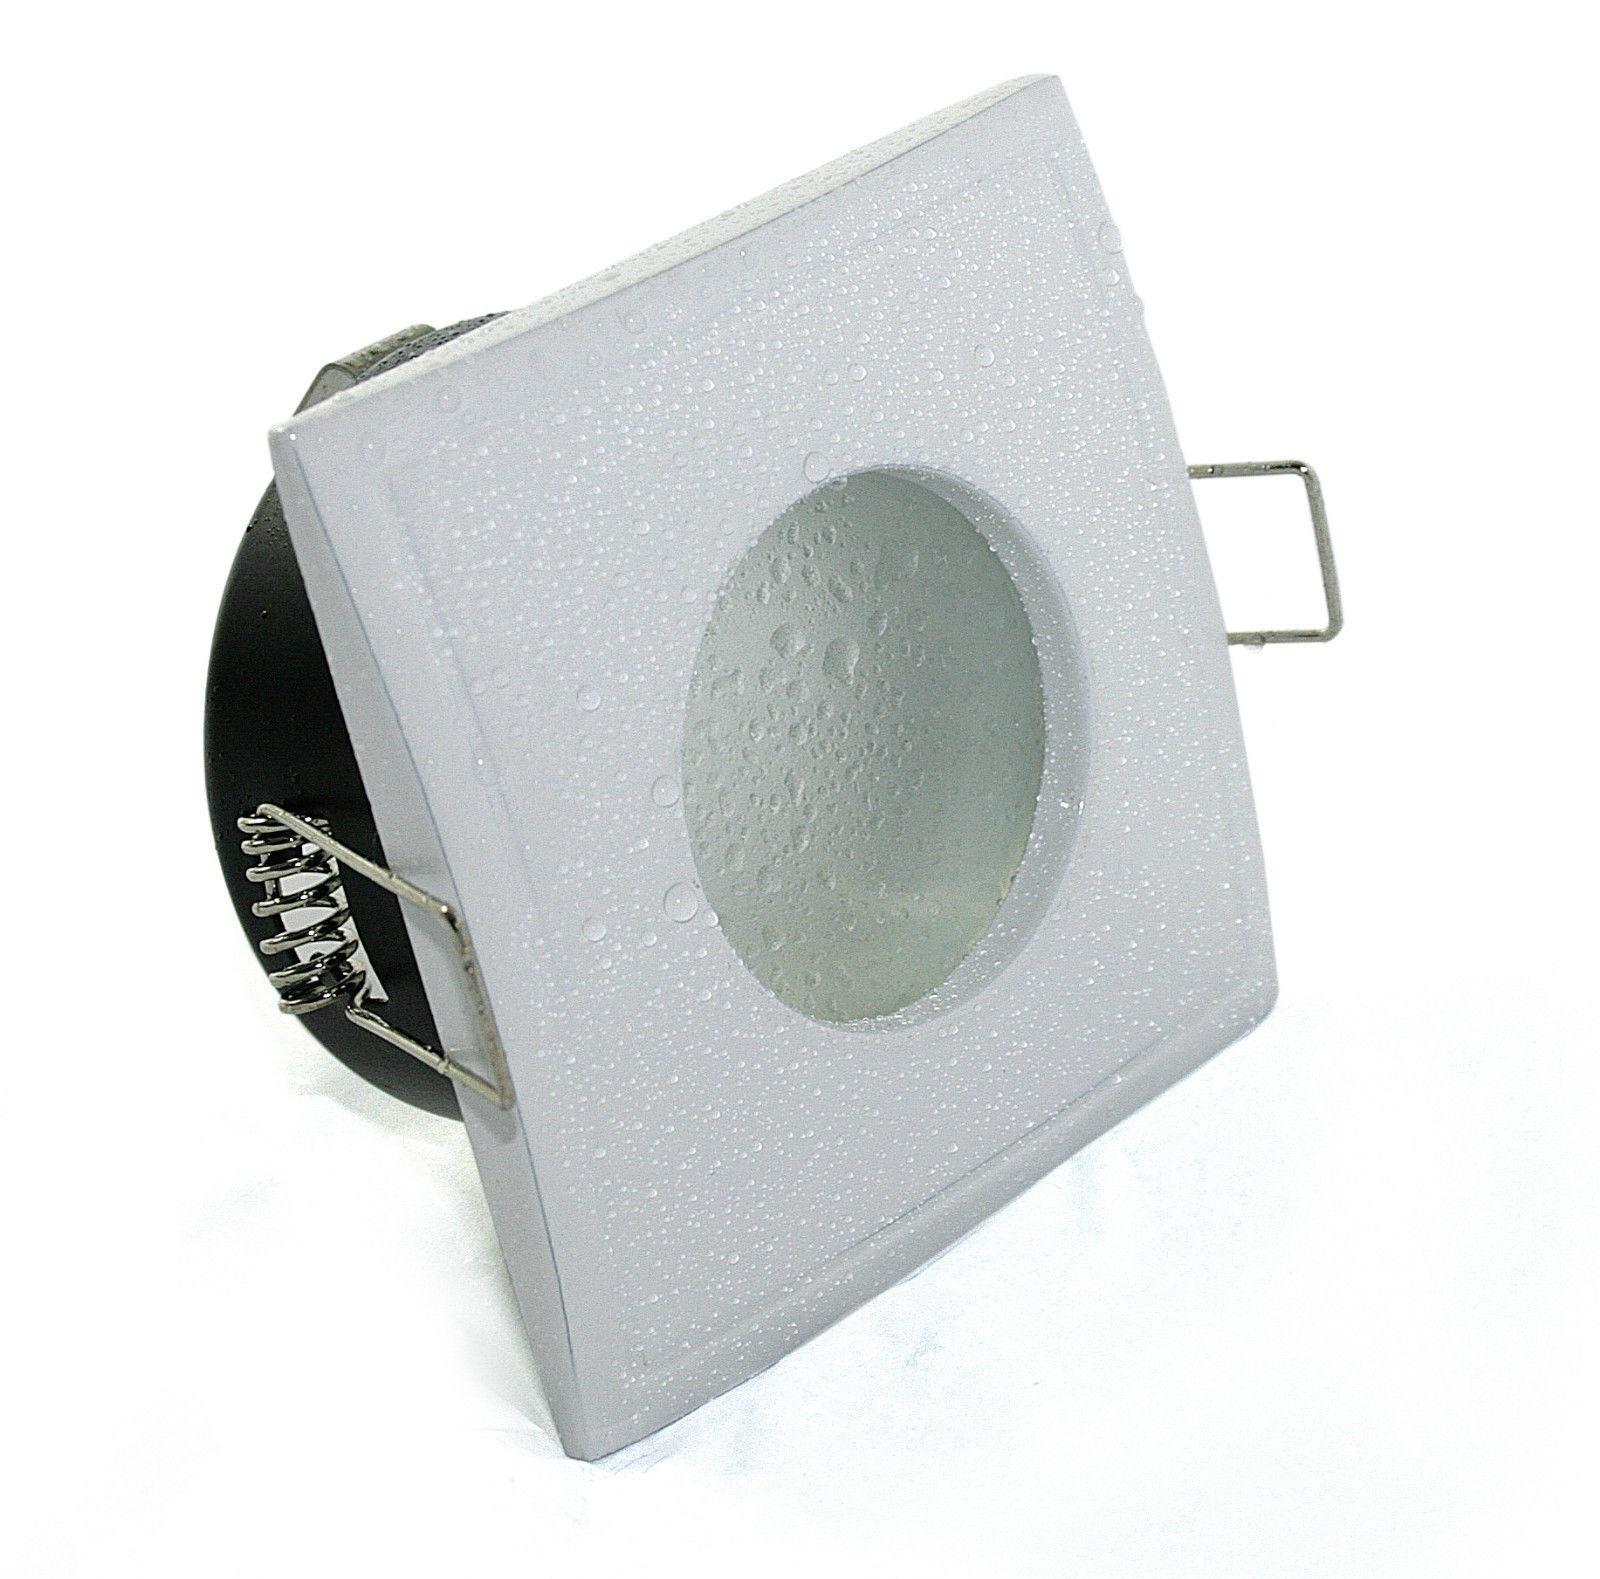 5W50W Power LED Einbaustrahler Einbaustrahler Einbaustrahler Square 230Volt Einbauspots Leuchte IP65 | Authentische Garantie  |  f3c2d6